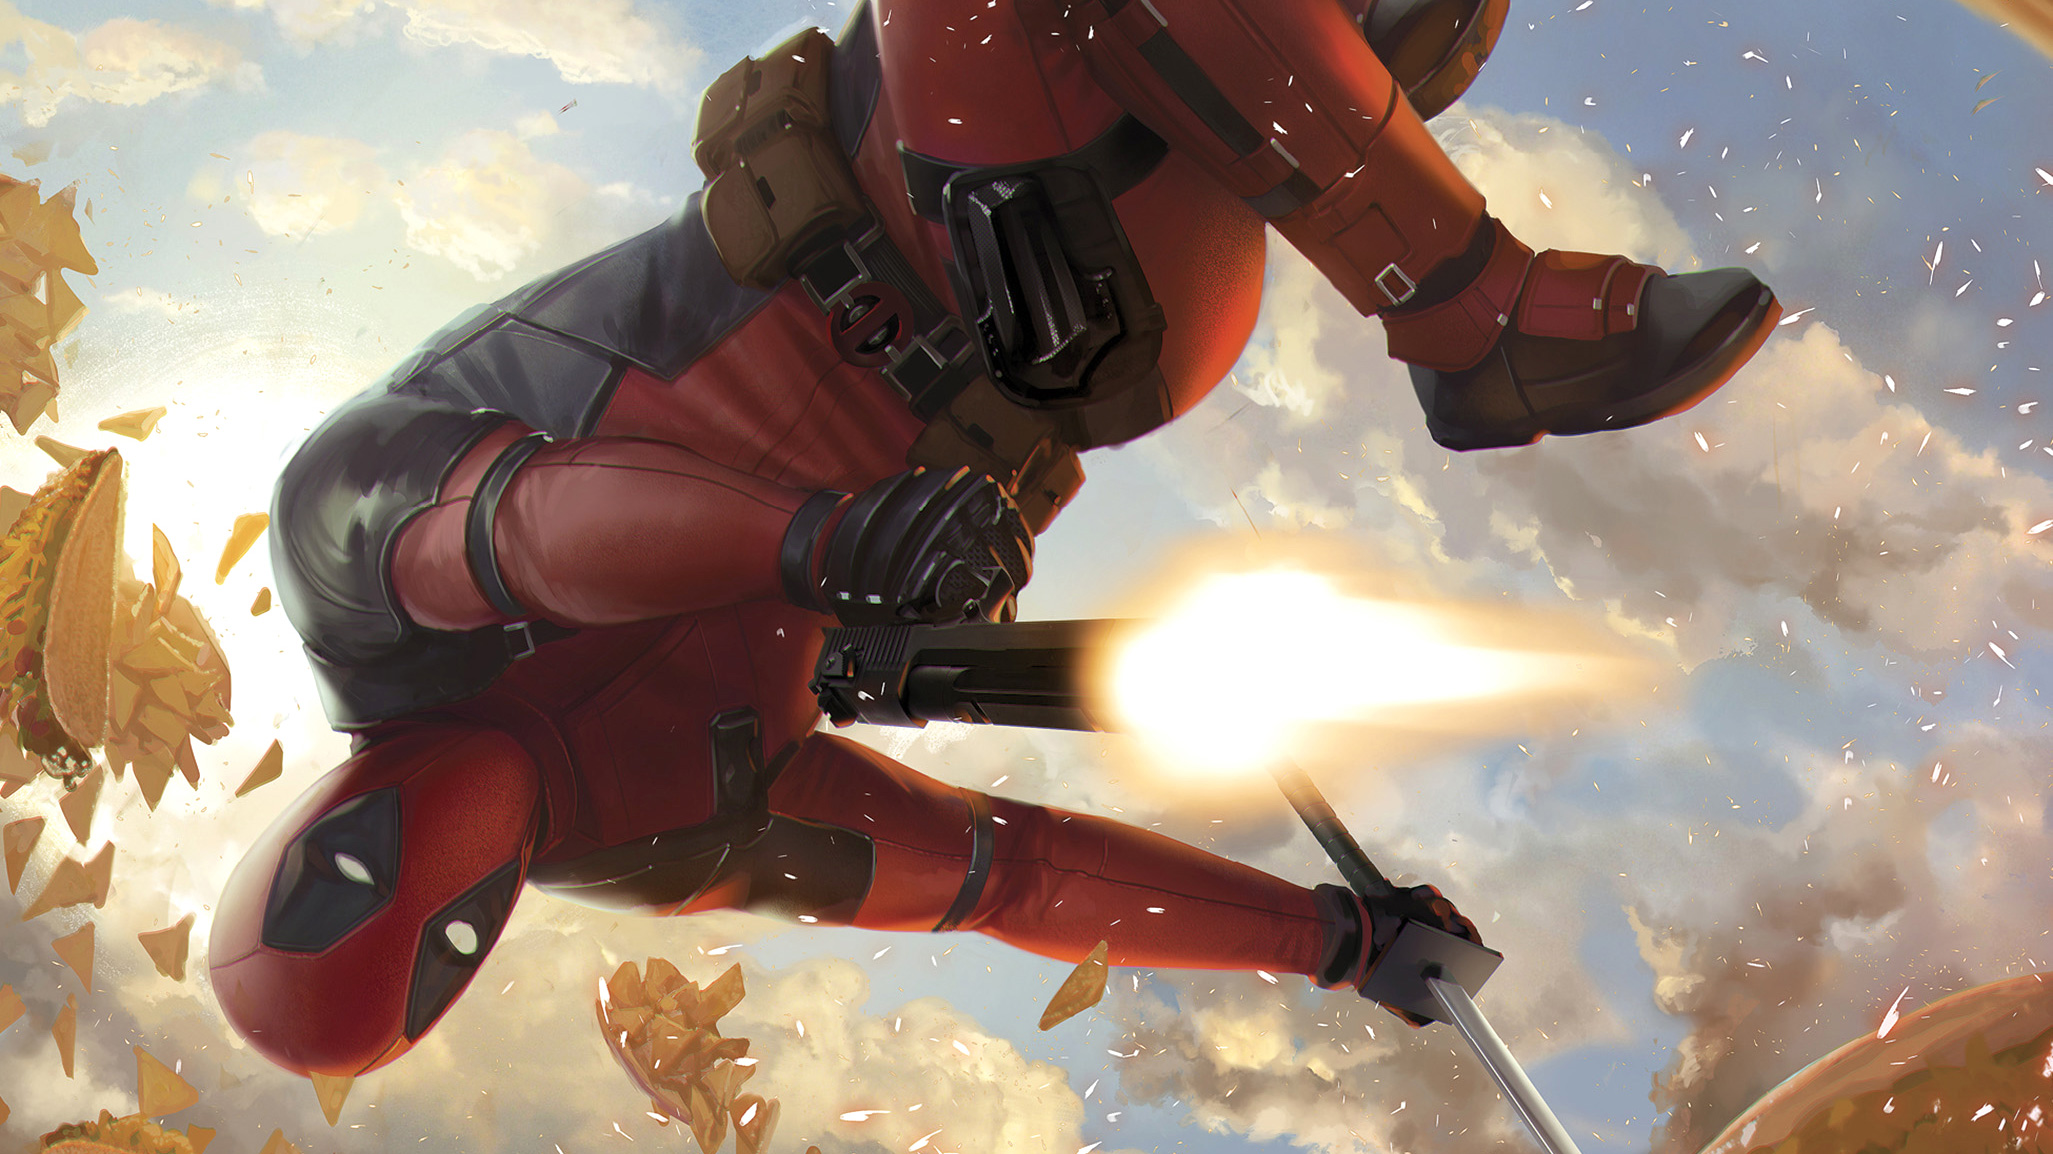 Deadpool 2 Imax, HD Movies, 4k